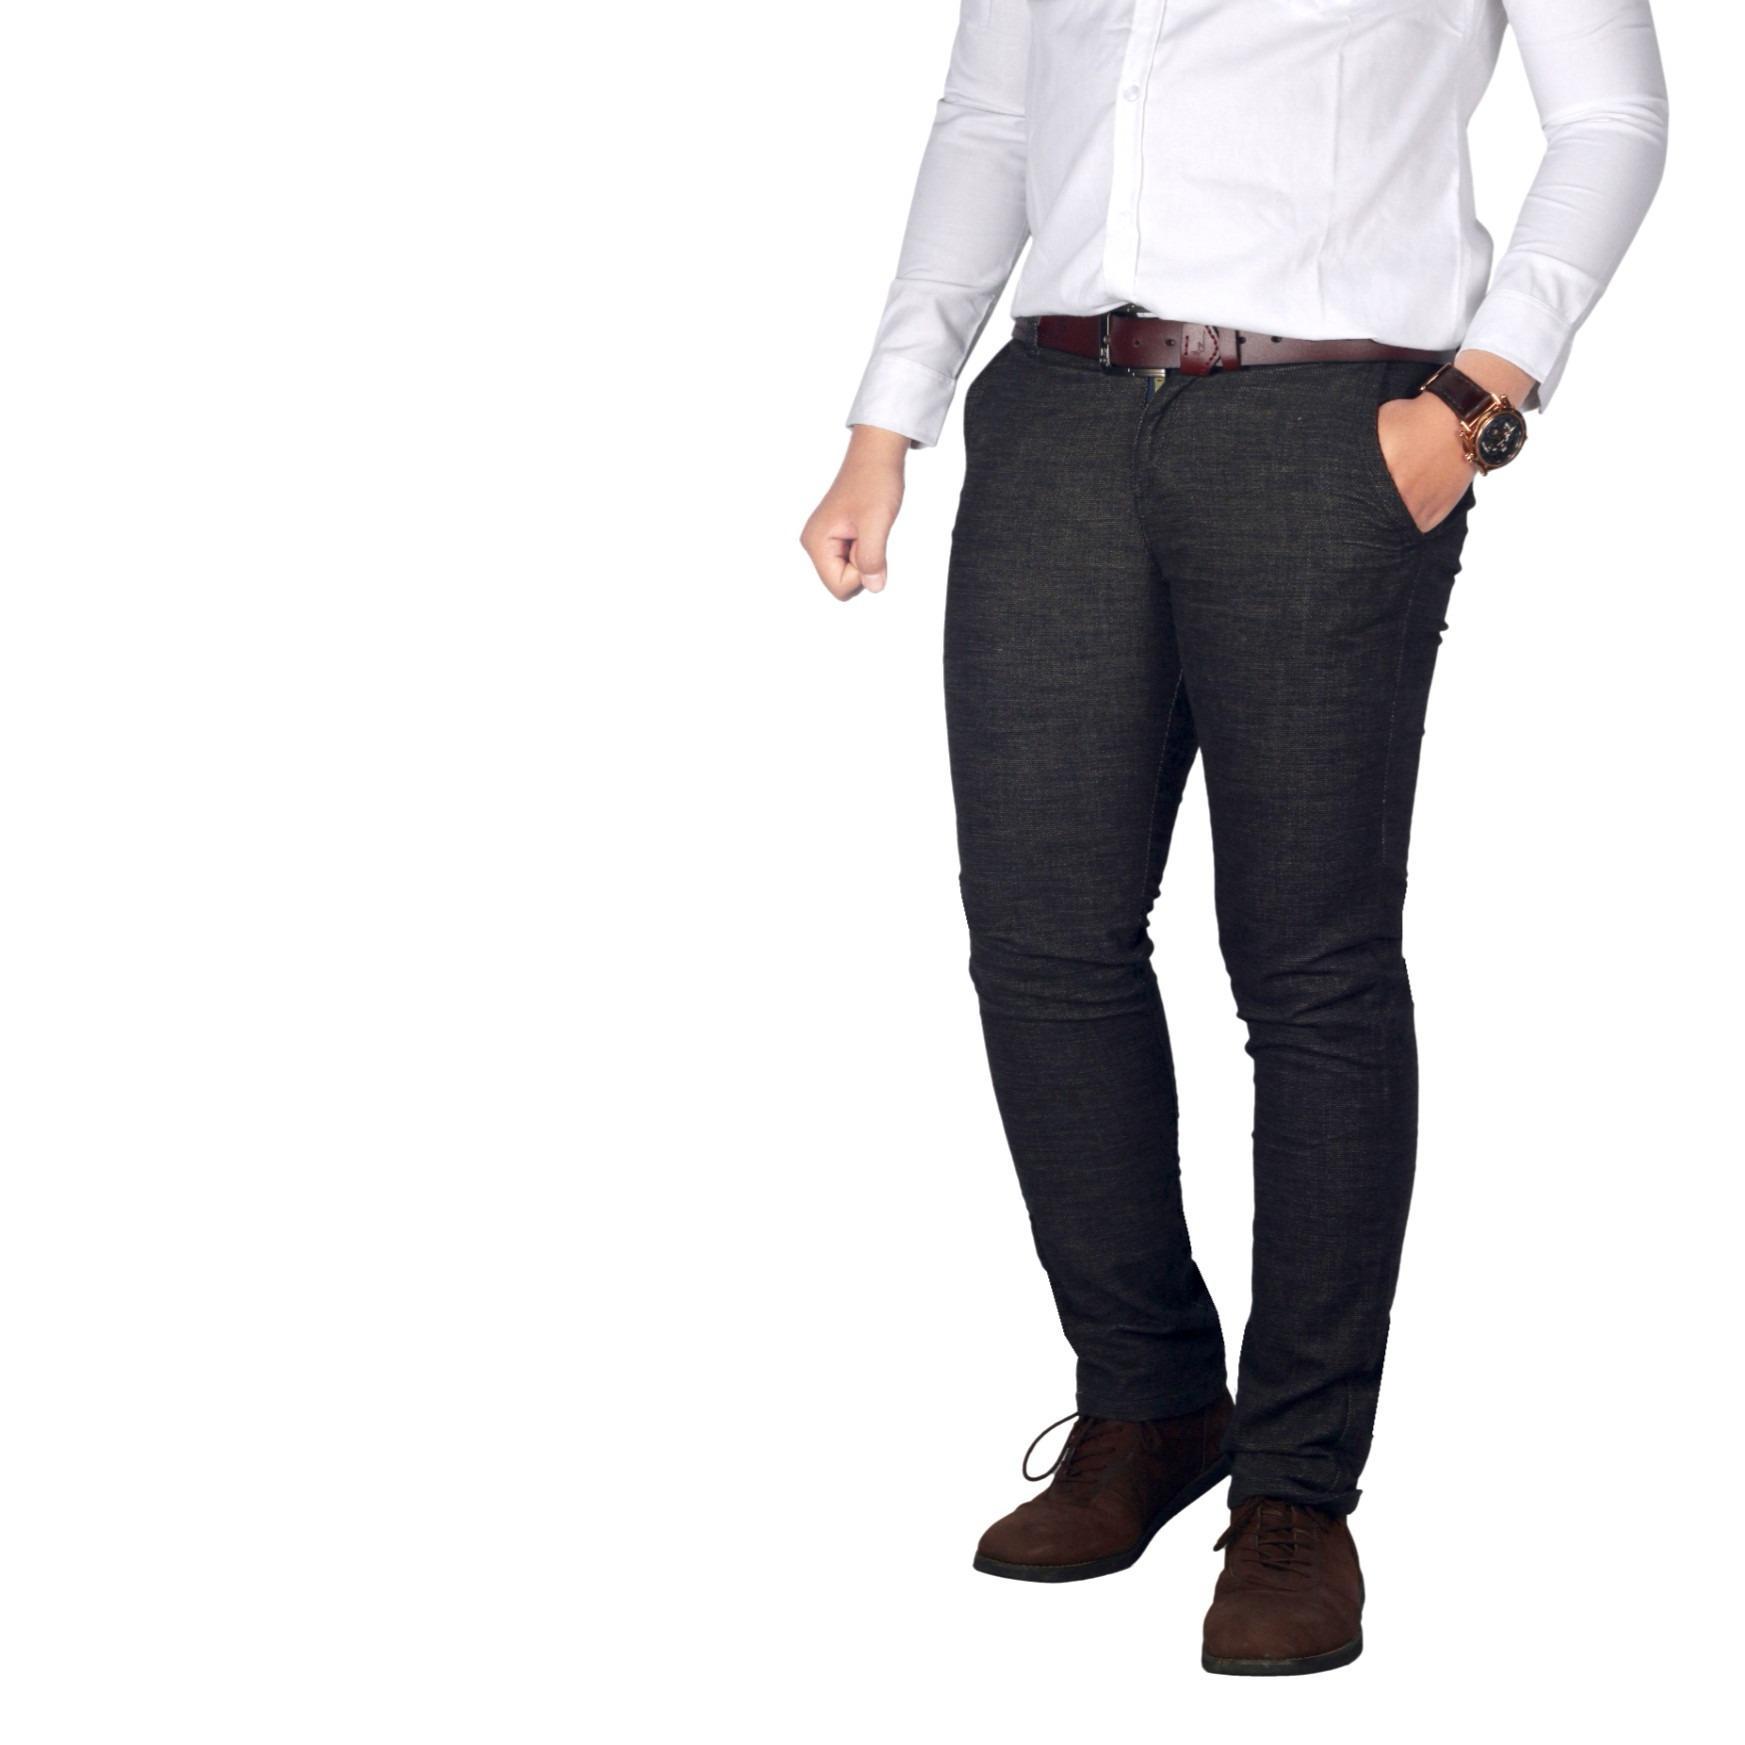 Spesifikasi Dgm Fashion1 Celana Chinos Import Hitam Cucian Panjang Celana Panjang Chinos Celana Chino Import Celana Panjang Celana Chino Pria Celana Casual Celana Denim Celana Jeans Hitam Celana Chino Skinny 5532 Yang Bagus Dan Murah